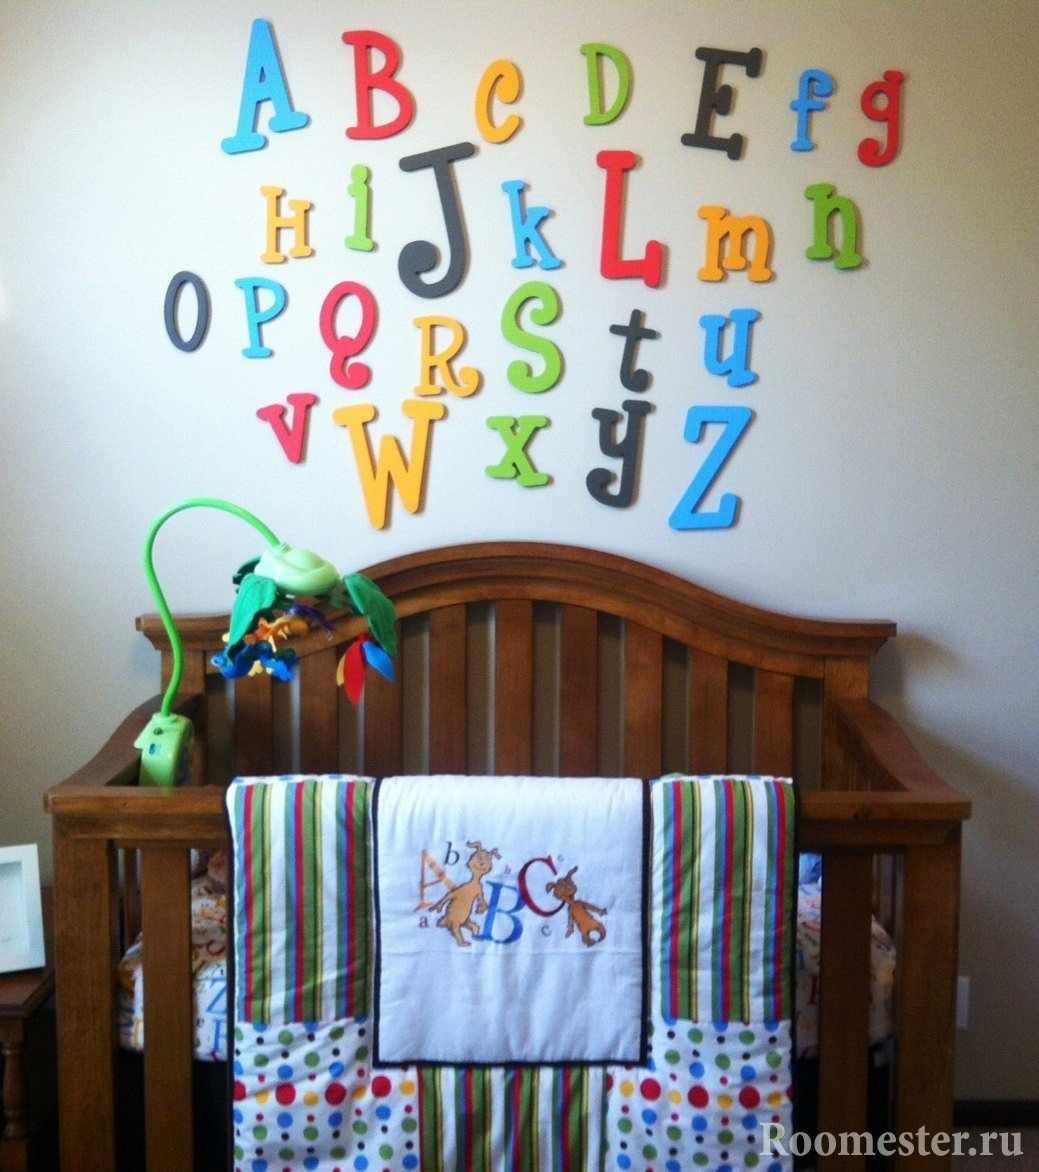 Клеящиеся буквы на стену